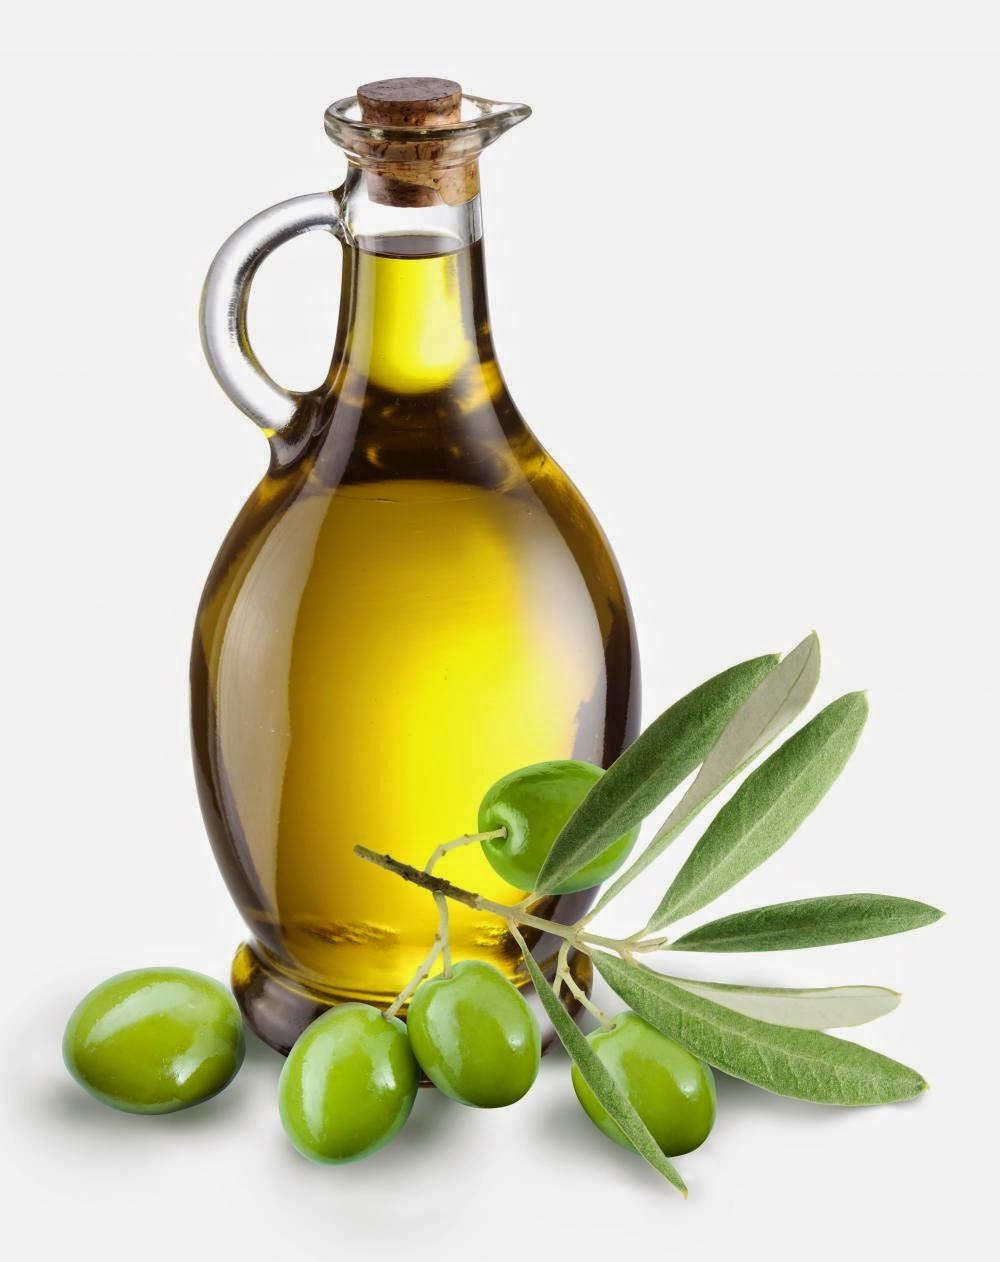 manfaat-minyak-zaitun-untuk-lemak